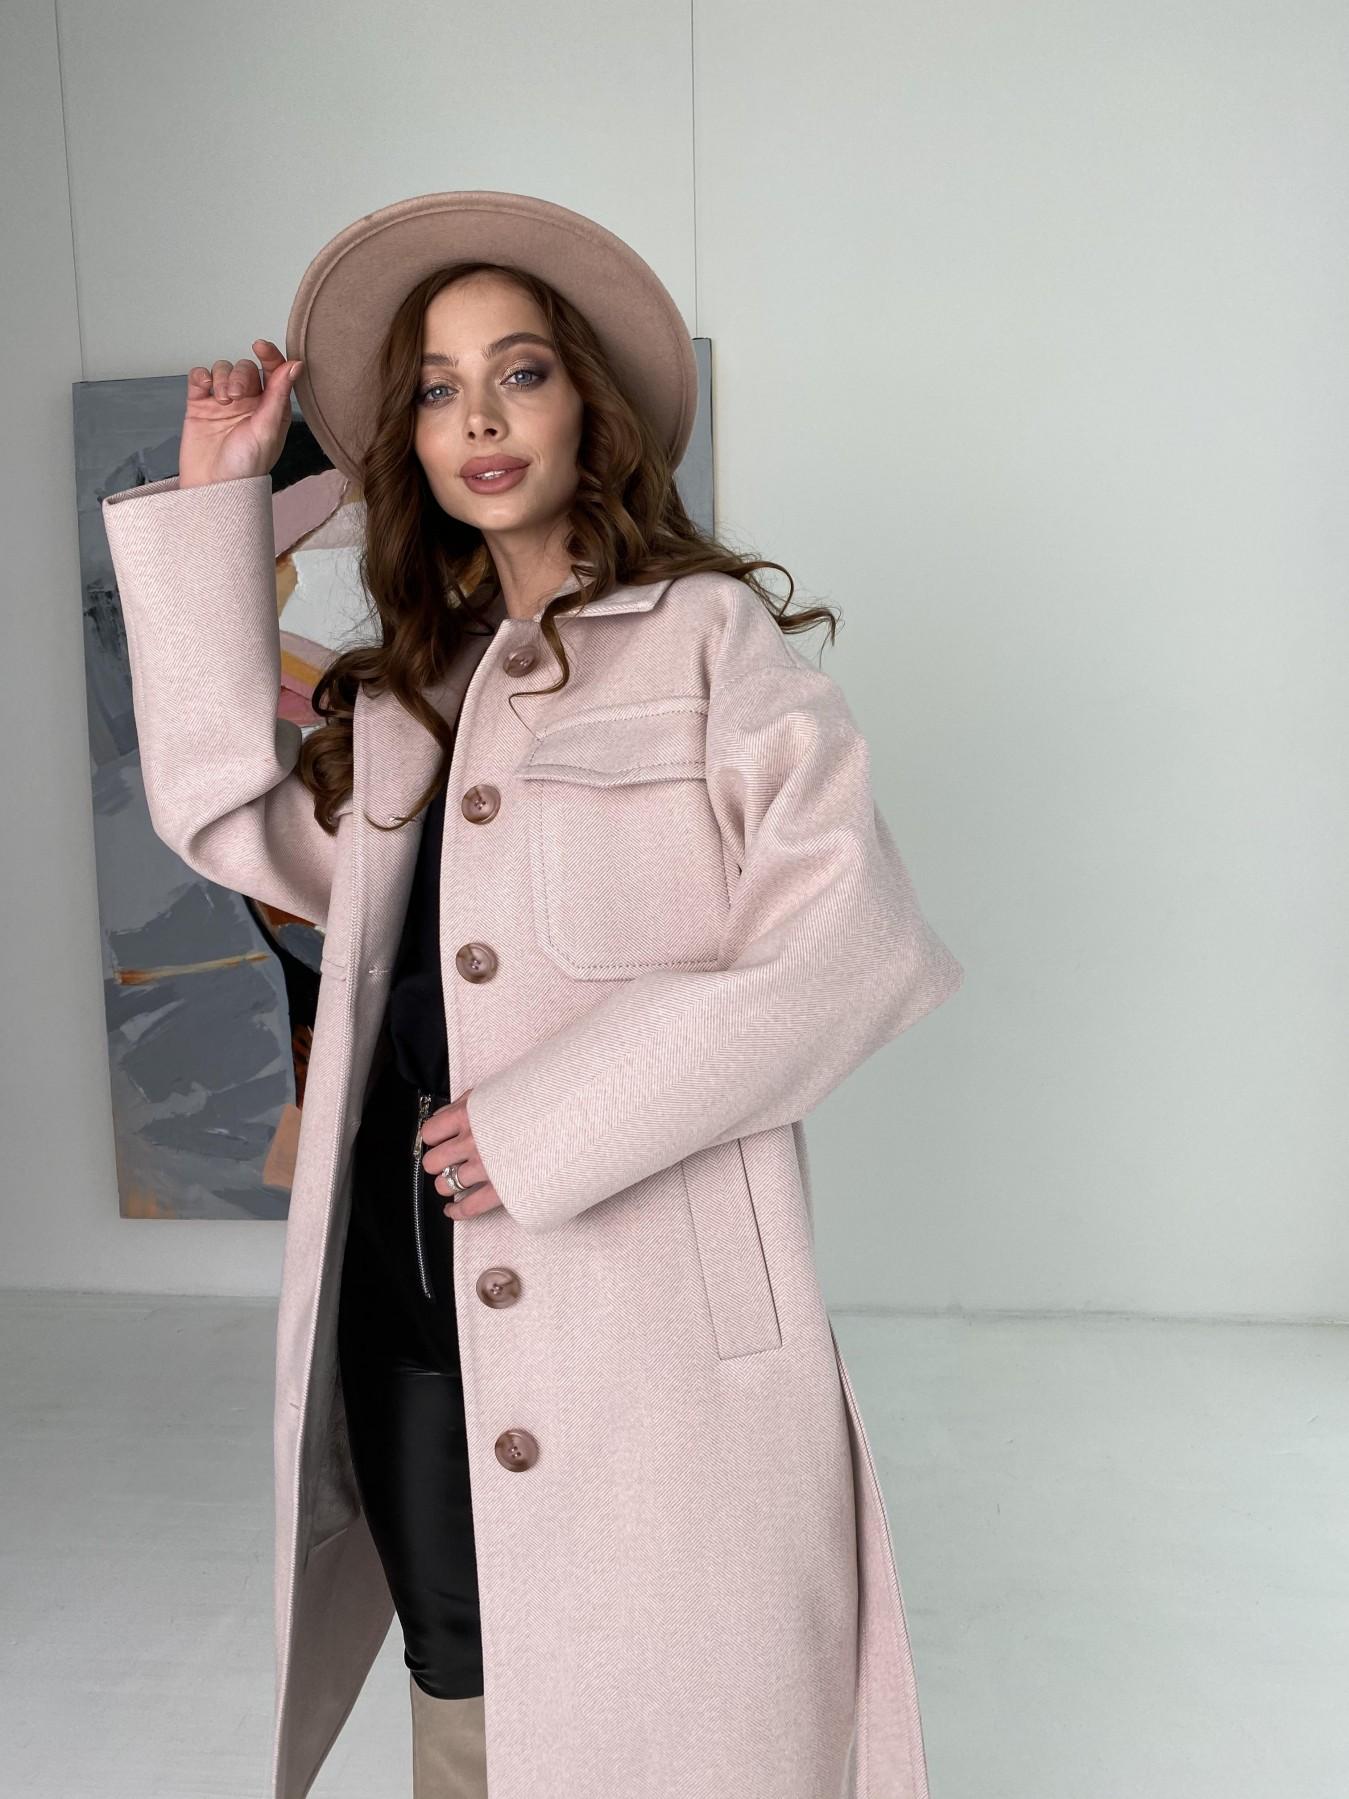 Ола  пальто в мелкую елочку из пальтовой ткани 10648 АРТ. 46989 Цвет: Пудра - фото 3, интернет магазин tm-modus.ru